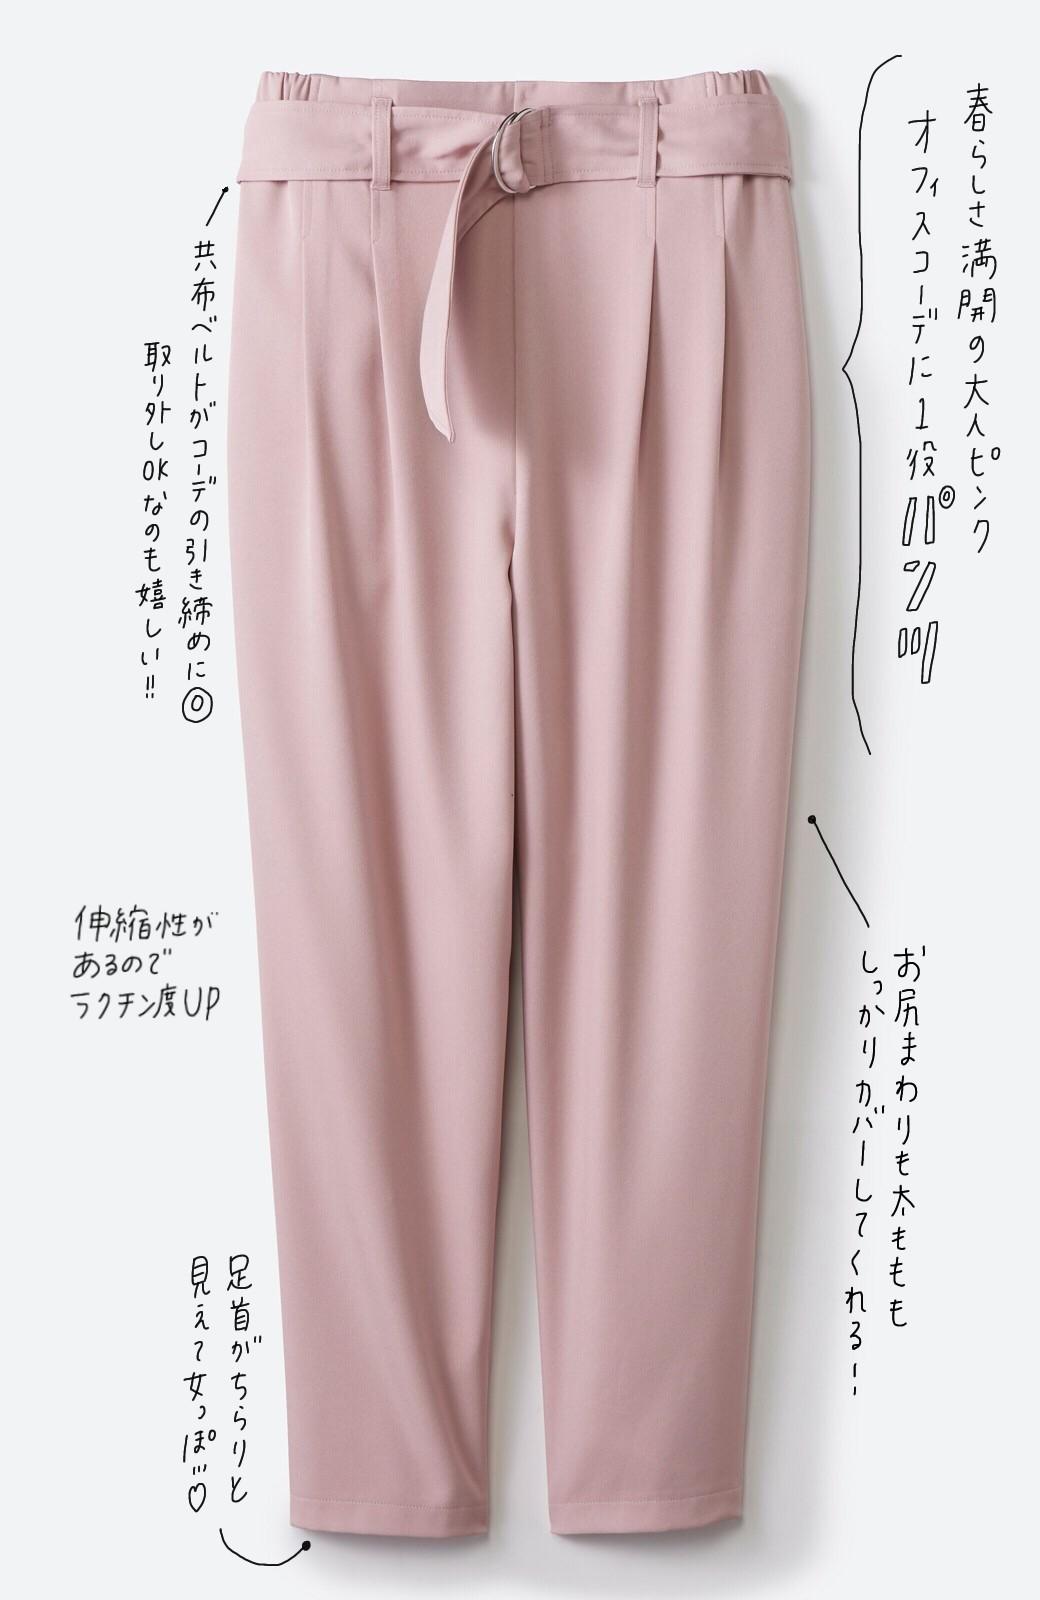 haco! お仕事だって気を抜かない! 楽ちんなのにすっきり見えるきれい色テーパードパンツ <ピンク>の商品写真3